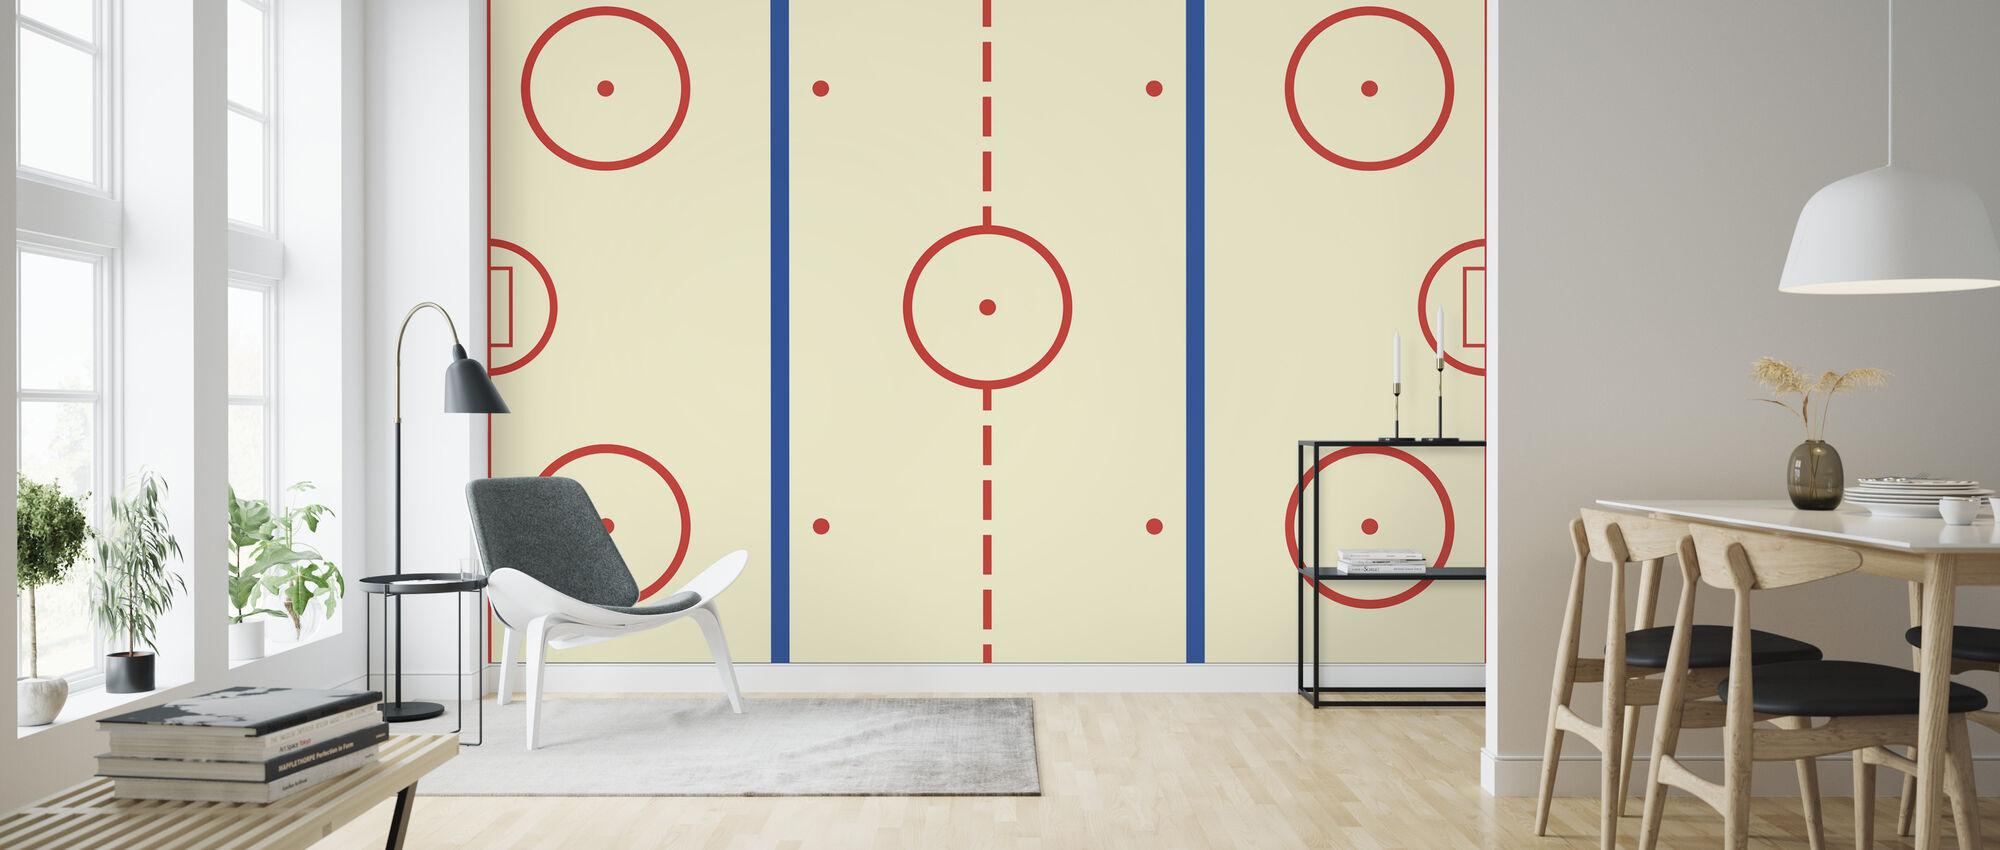 Ice Hockey Rink - Wallpaper - Living Room